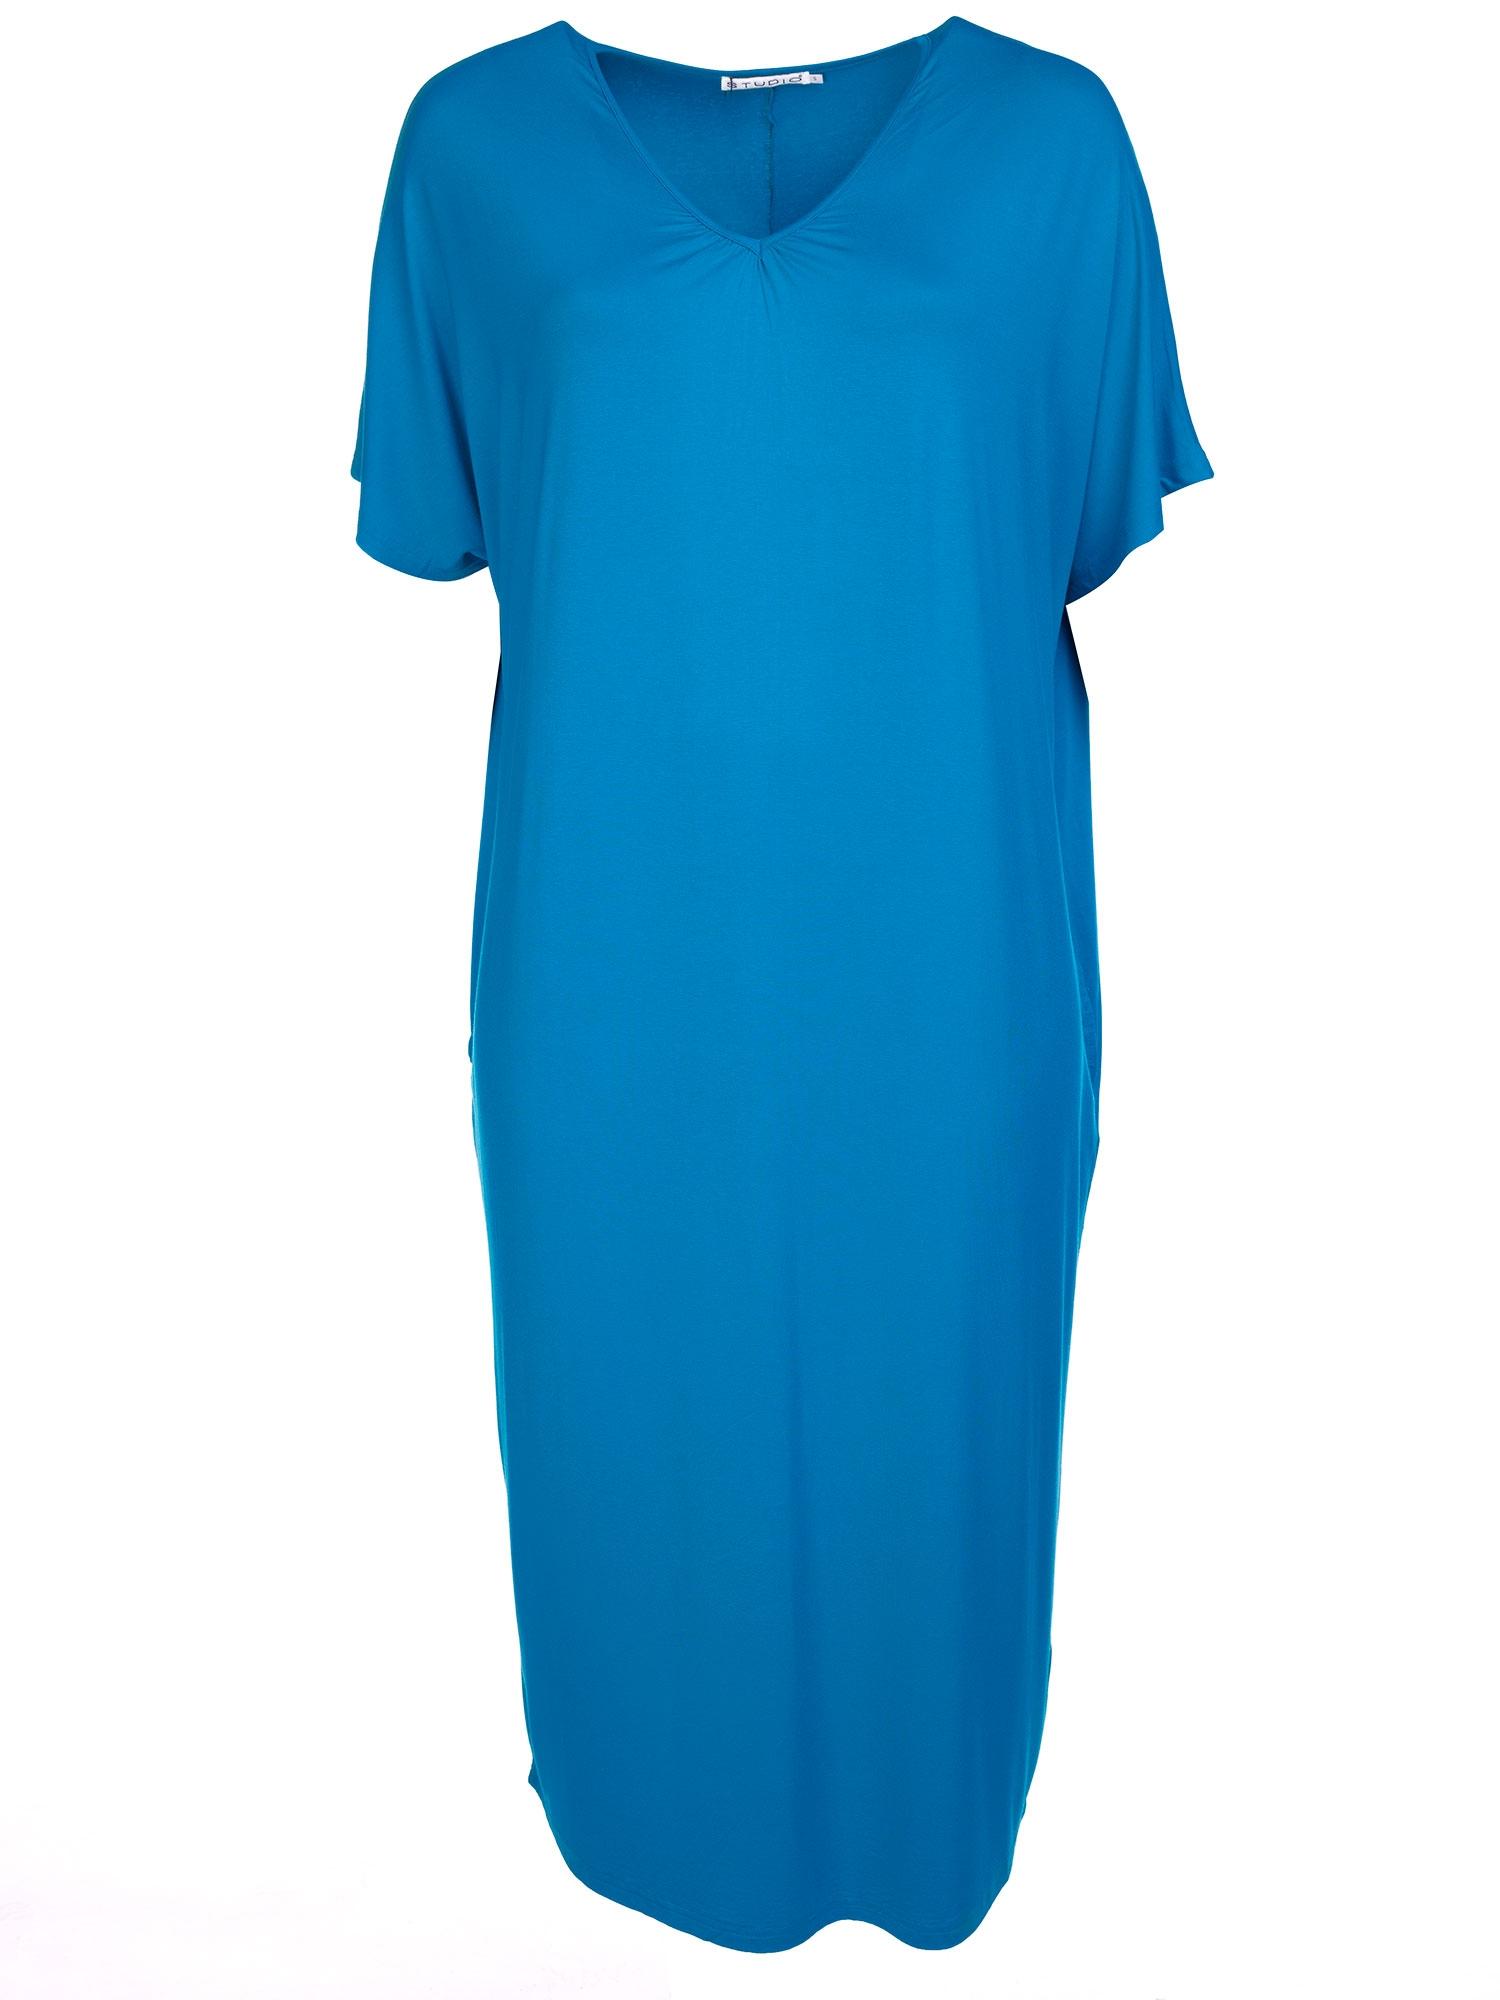 lang konge blå kjole i viskose jersey med lommer og V-hals